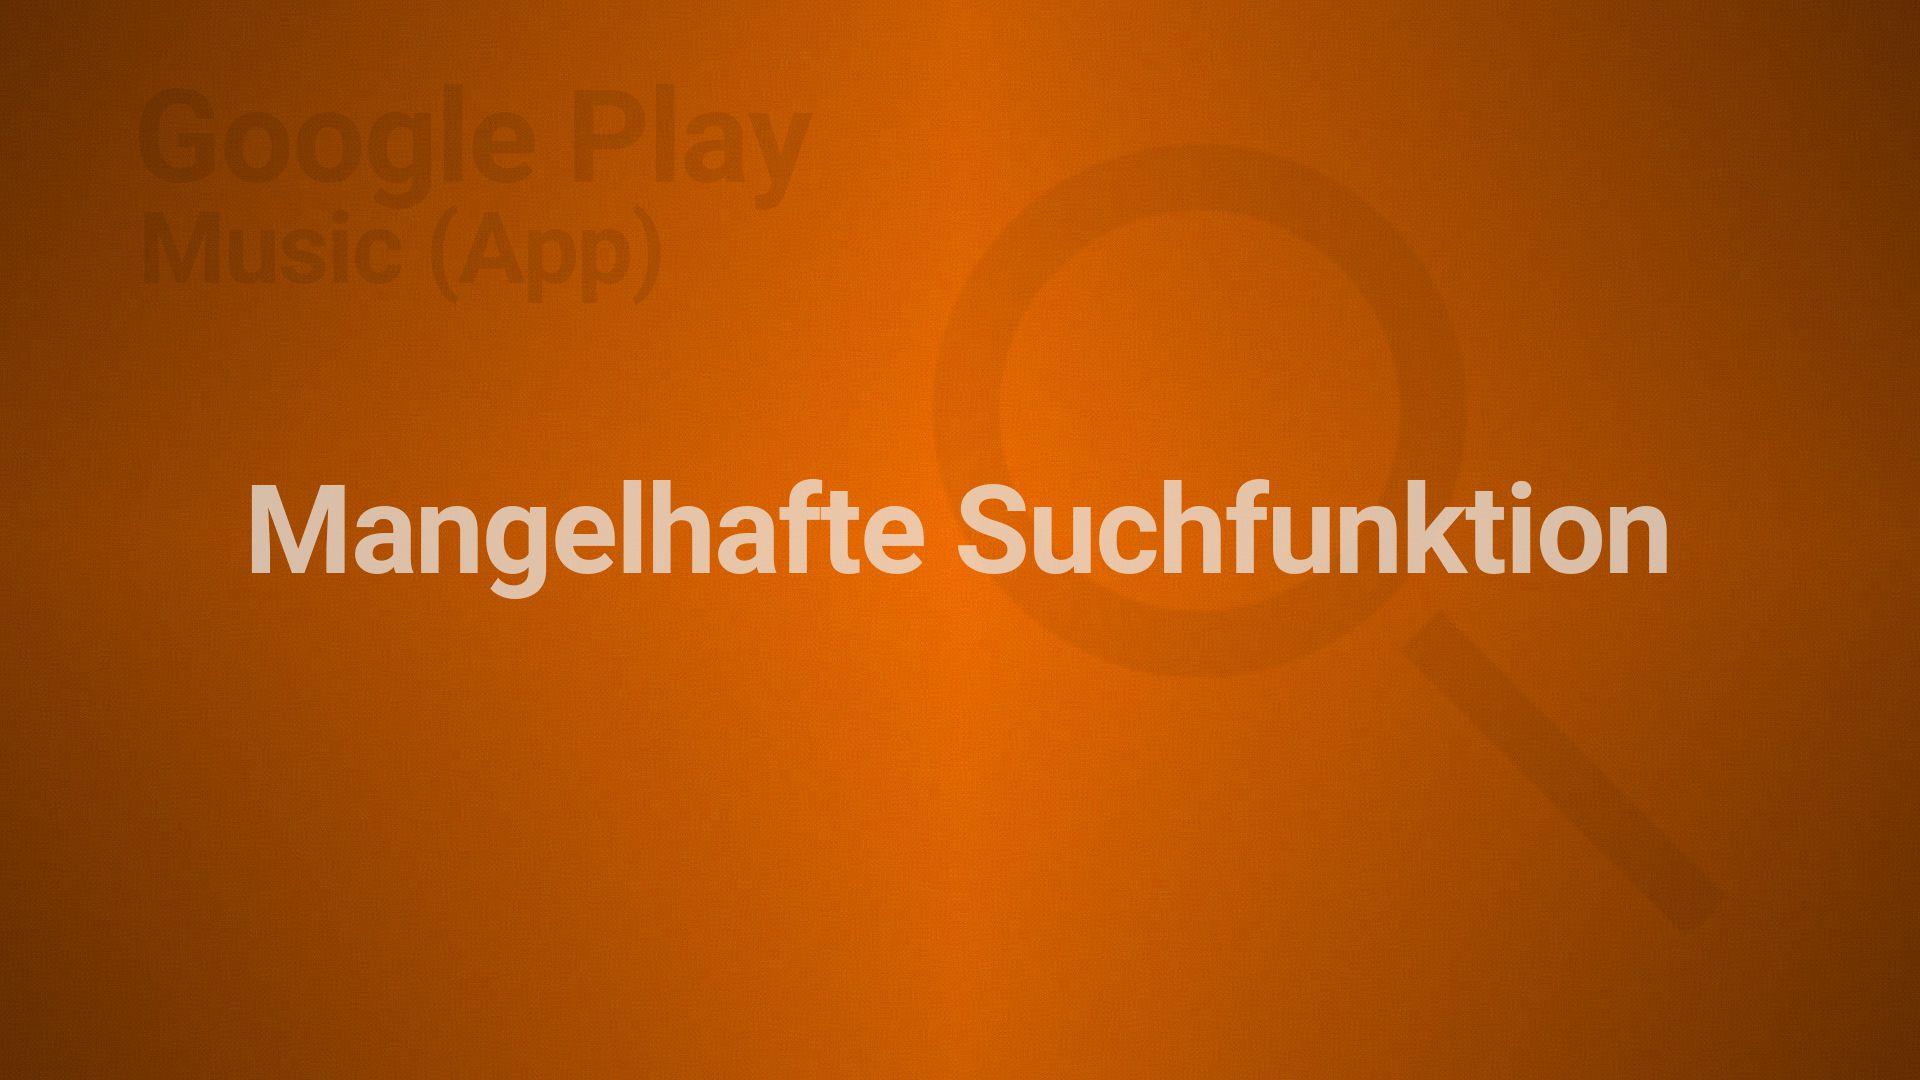 Artikelvorschaubild Google Play Music: Mangelhafte Suchfunktion der App   Philipp Schuster   17.01.2016